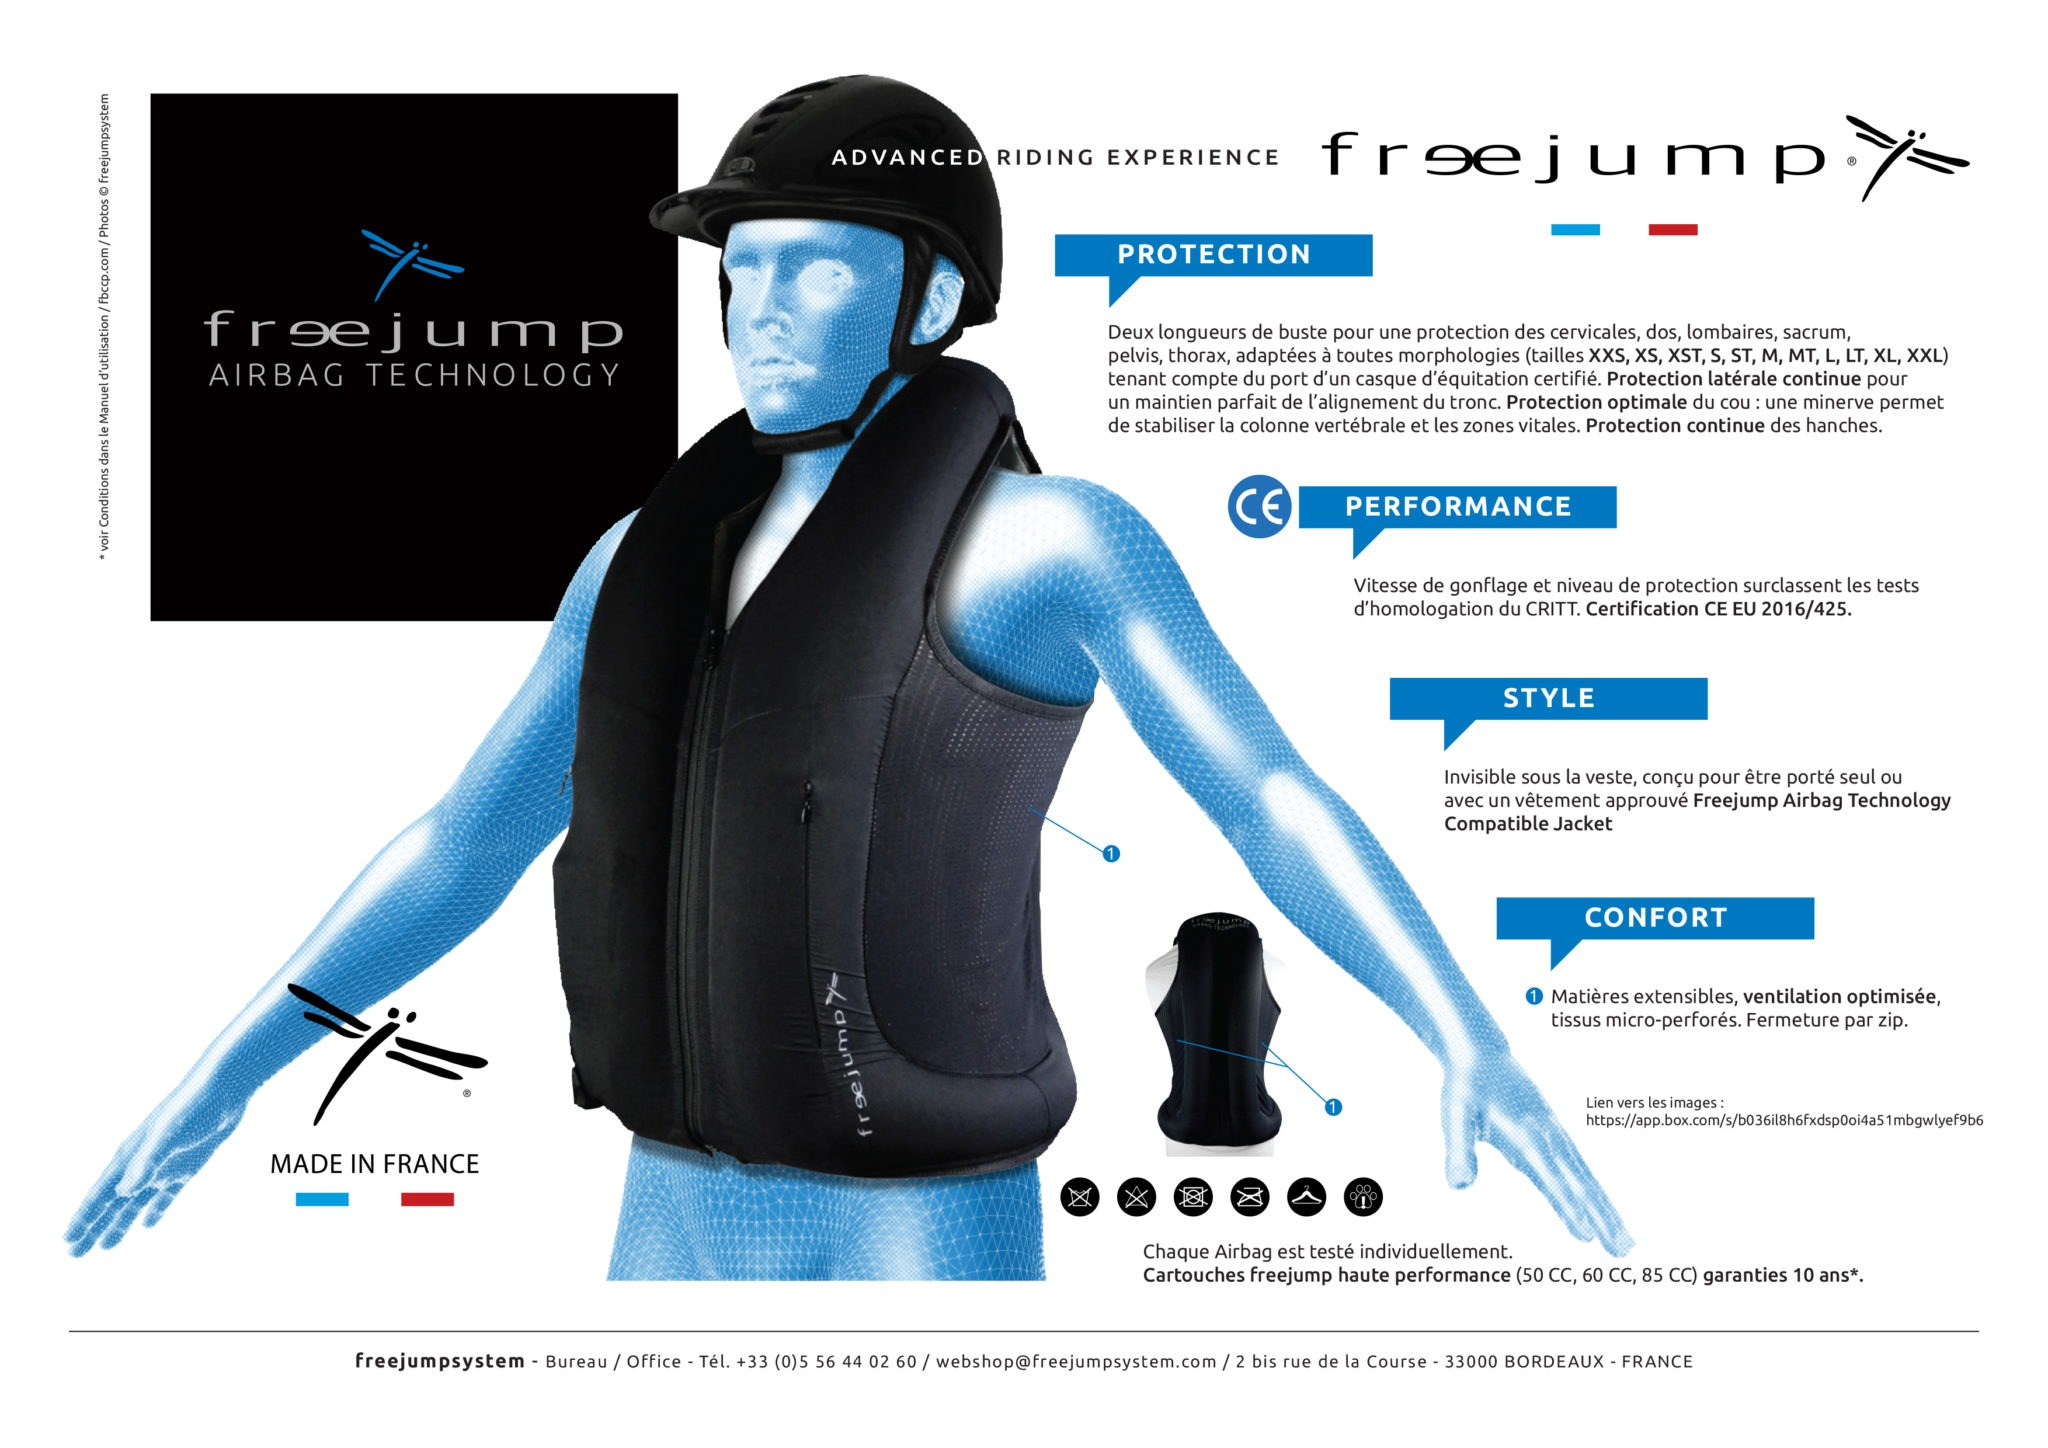 Gilet airbag Freejump - Le Paturon